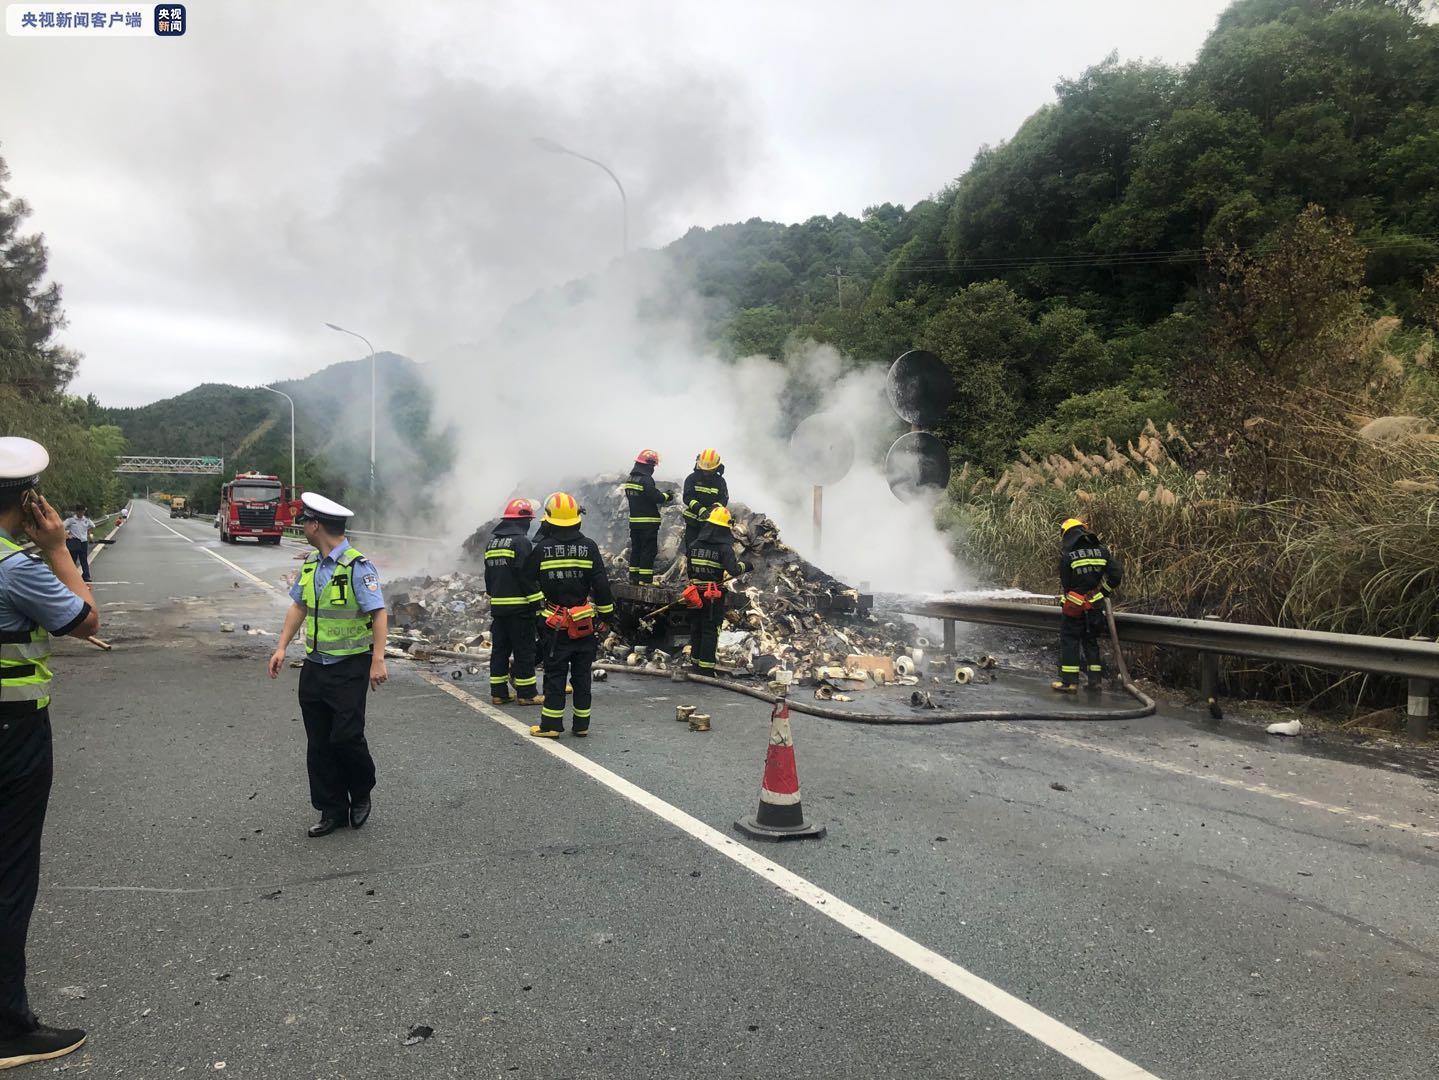 安徽济广高速桃墅岭隧道附近一货车起火图片